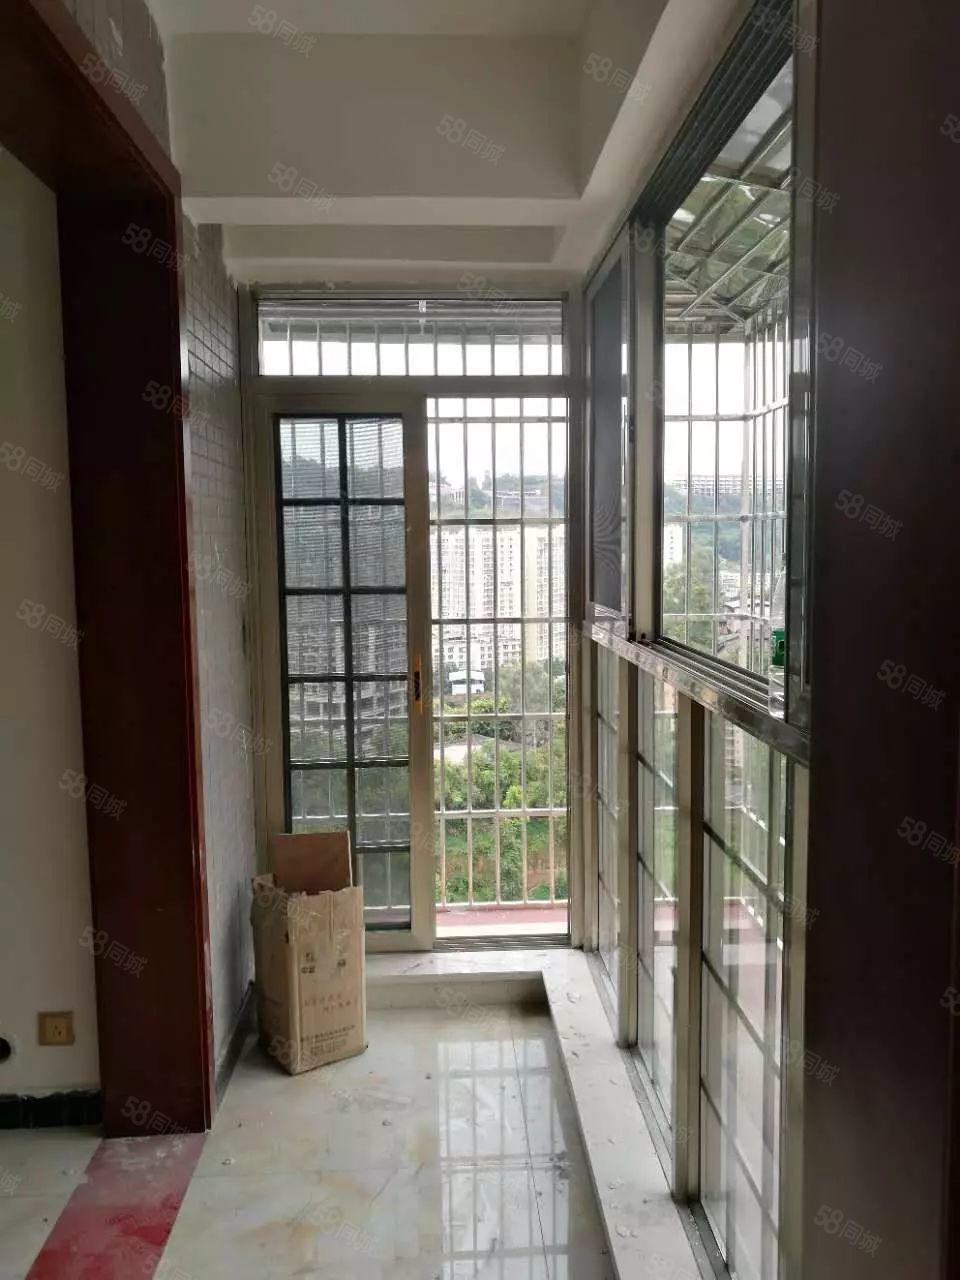 老城置信还房佛阳新�新出好房出租,办公以及做家庭茶楼非常好